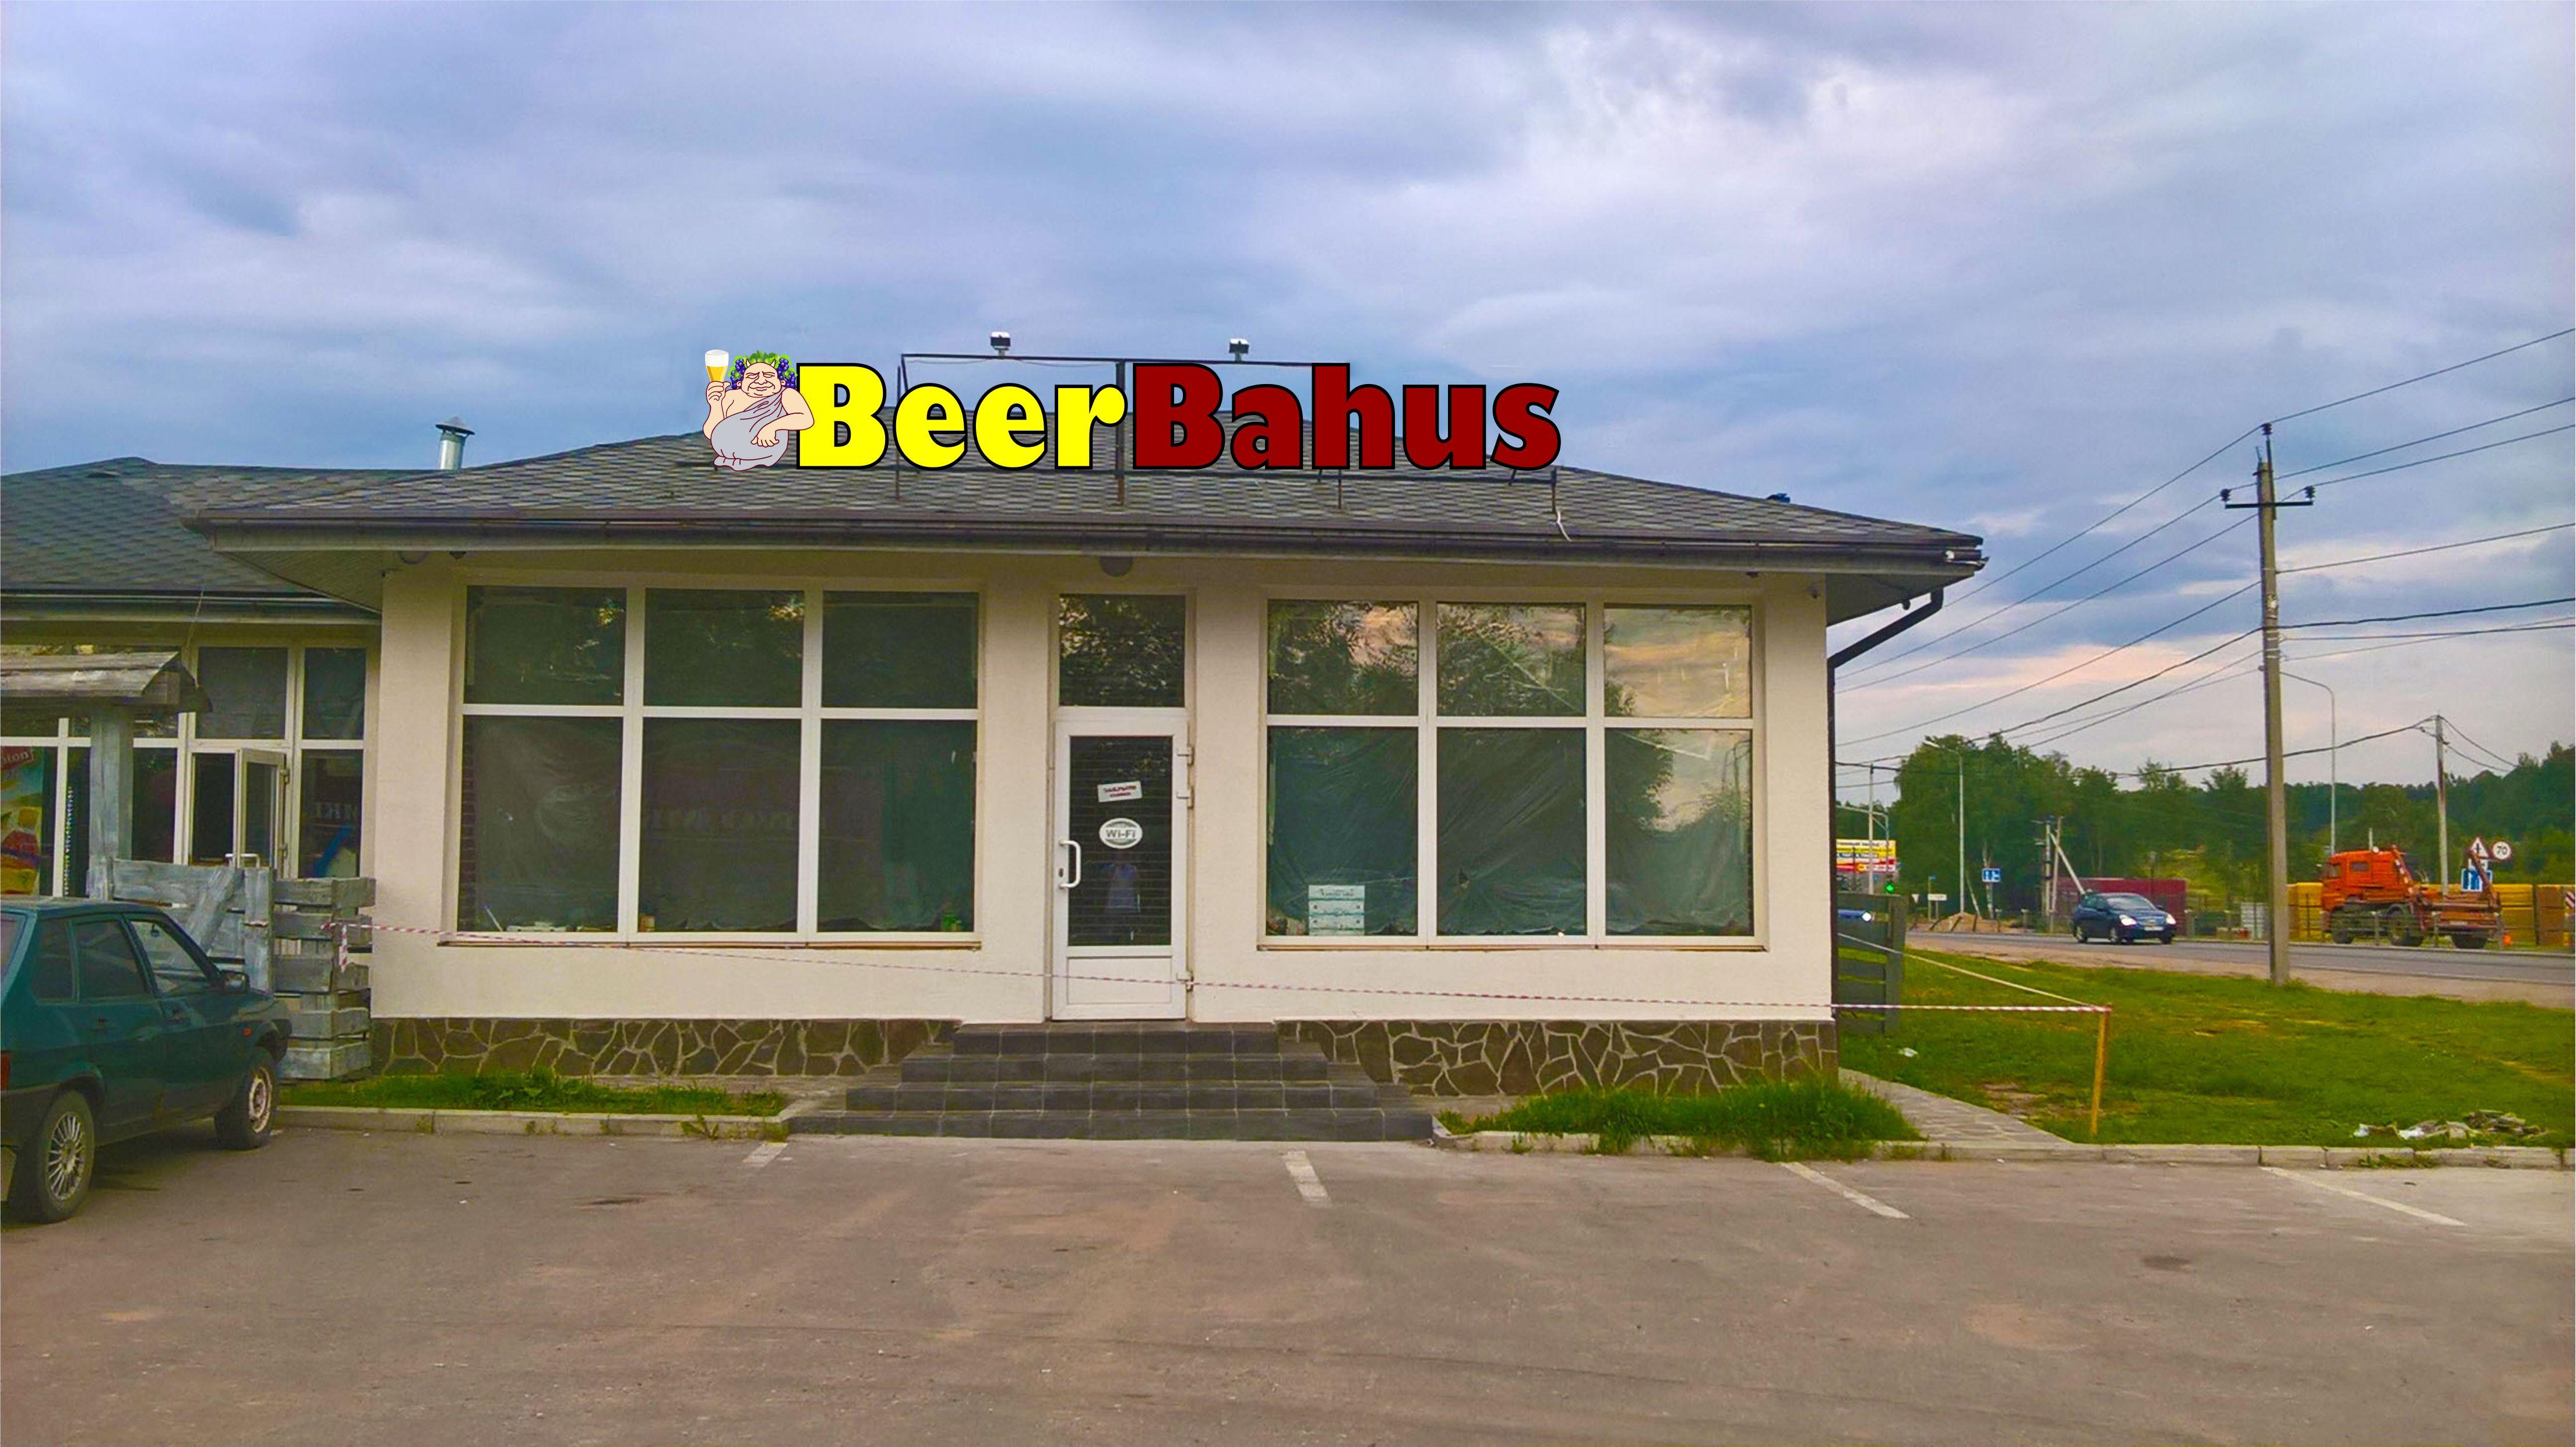 Название/вывеска на магазин пивоварни фото f_607597e11e39f3d1.jpg